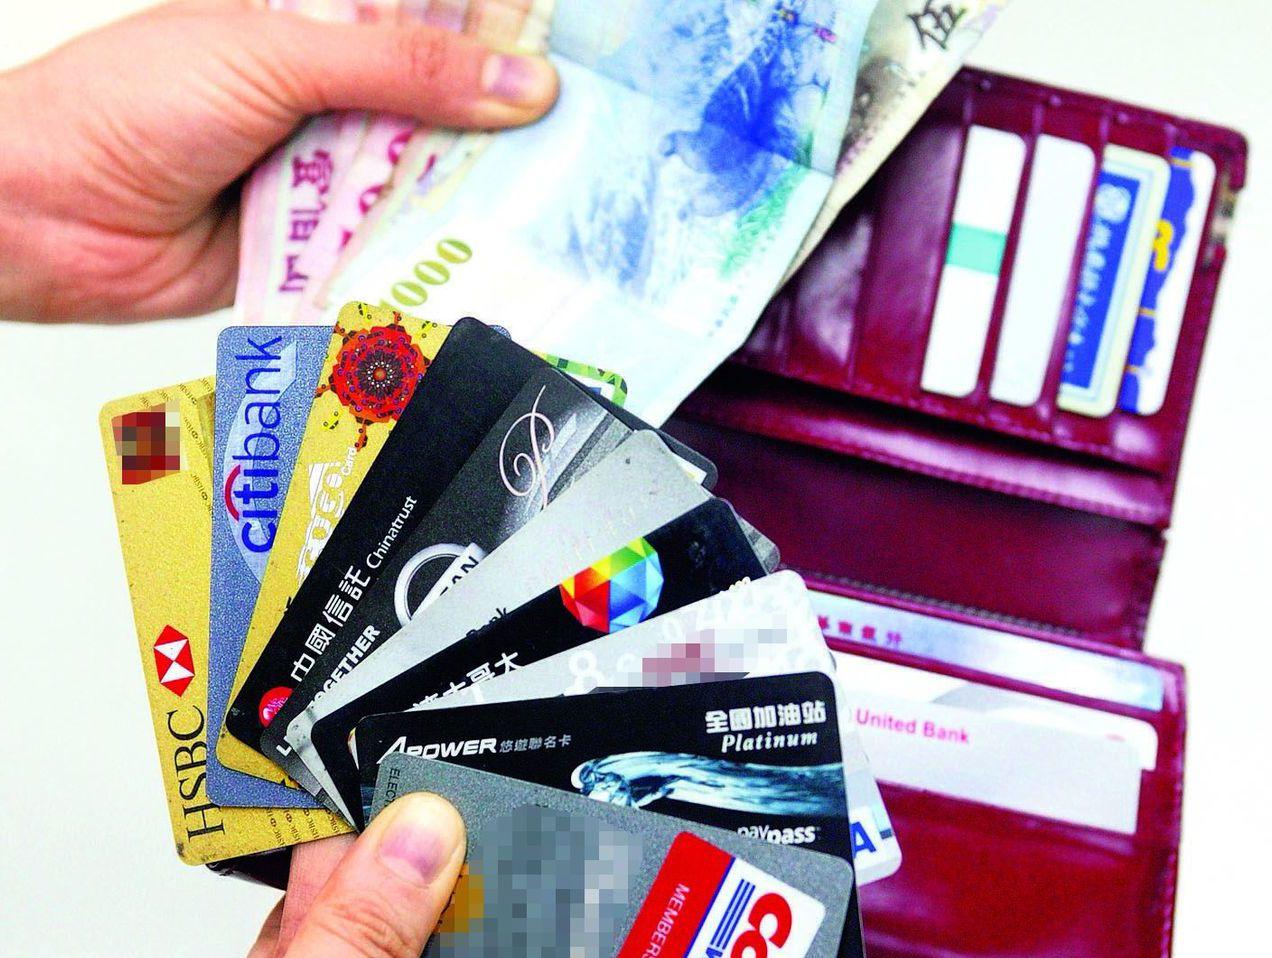 對於許久未用的信用卡呆卡,有些銀行不會直接採取鐵腕措施通知停卡,而是採委婉的方式...